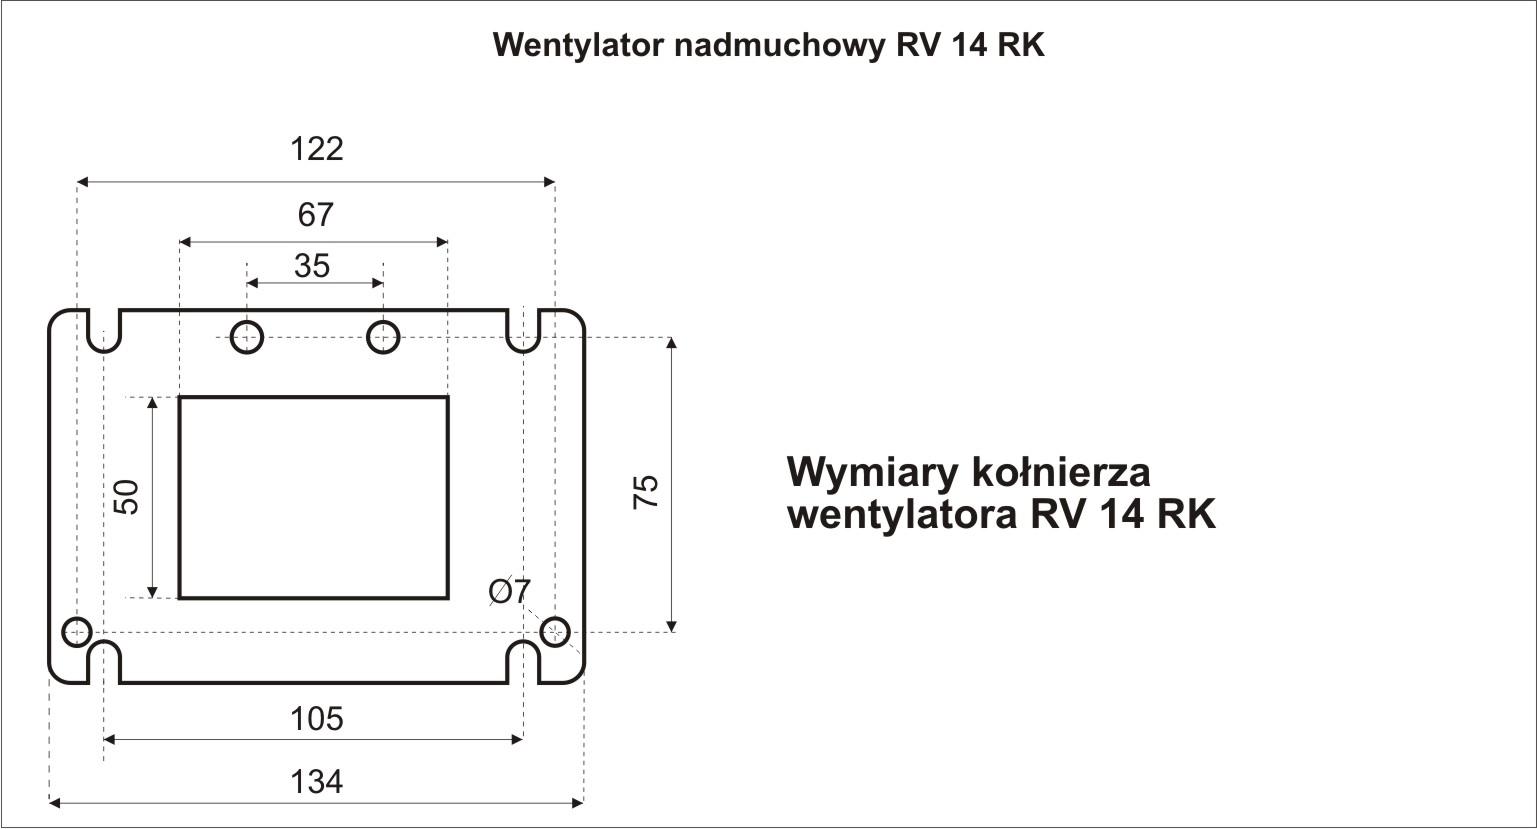 rv14rk_kolnierz